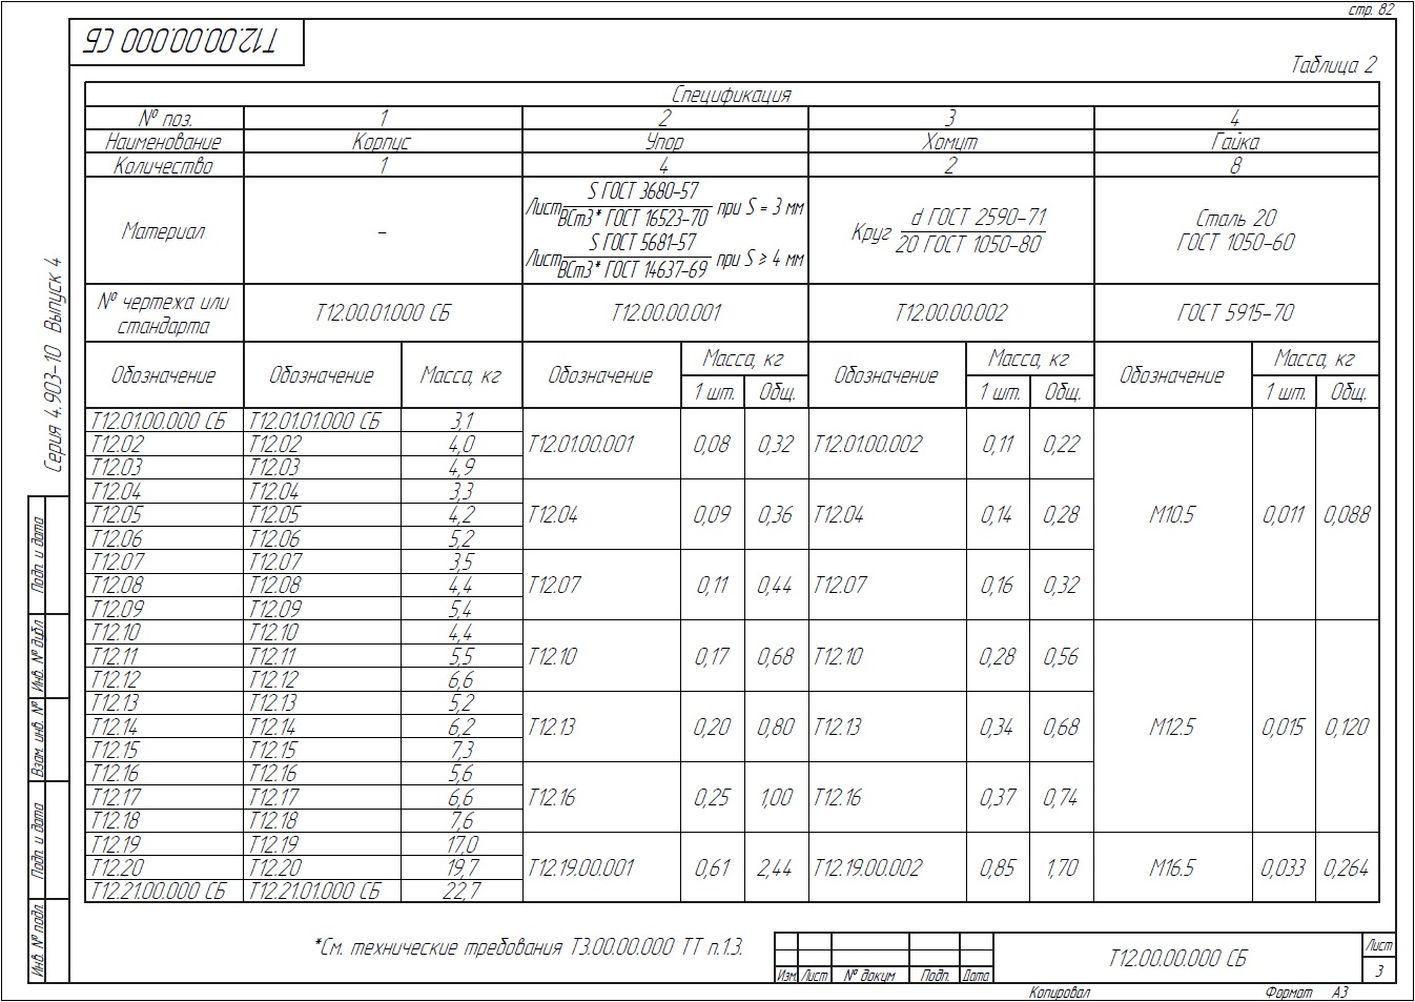 Опора неподвижная хомутовая Т12 серия 4.903-10 вып.4 стр.3